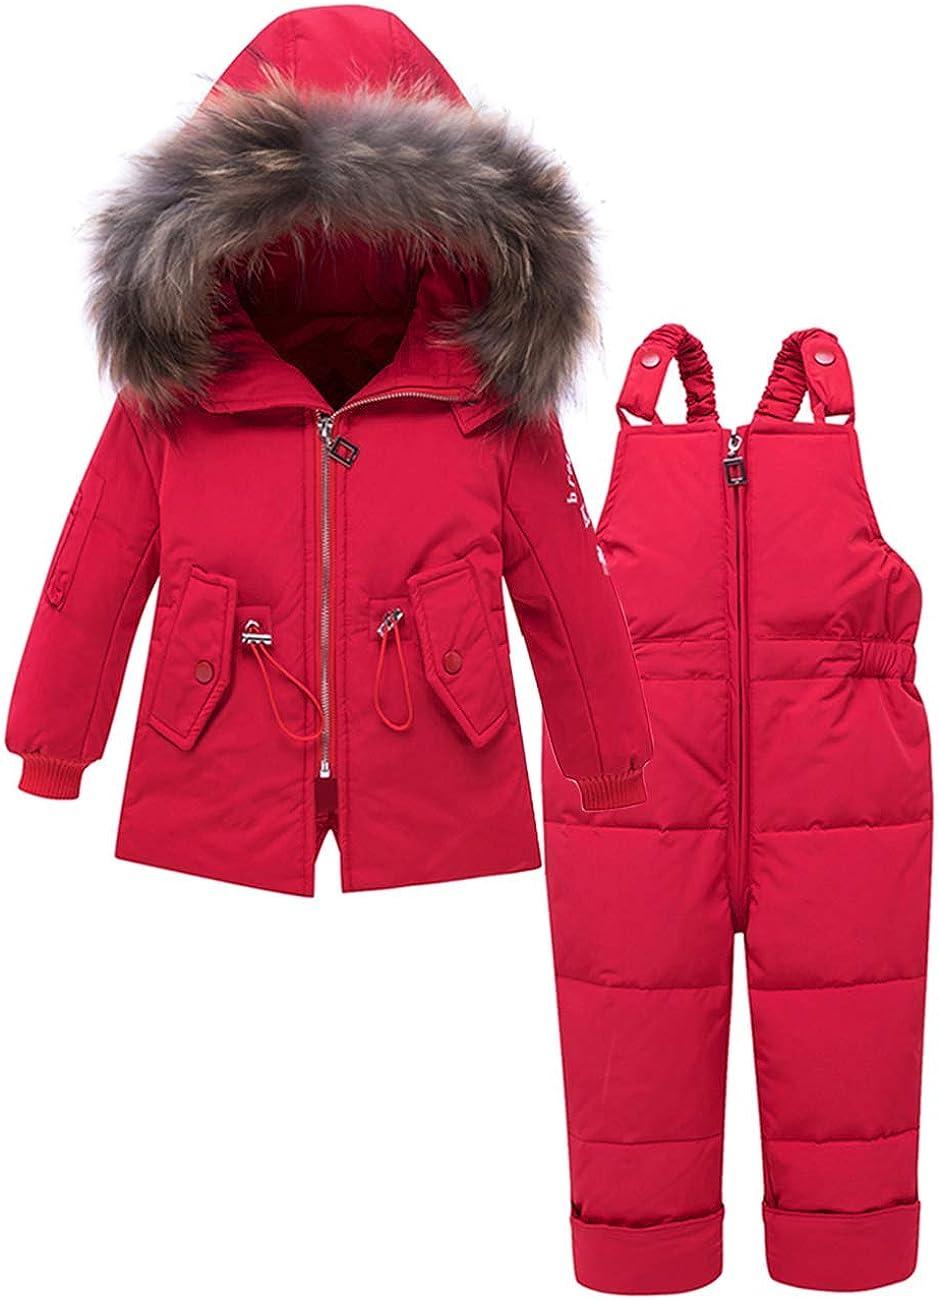 Pantaloni Set da Sci 2 Pezzi Zoerea Tuta da Neve per Bambini Bambina Giacca Invernale Piumino con Cappuccio Caldo Cappotto per Bambino